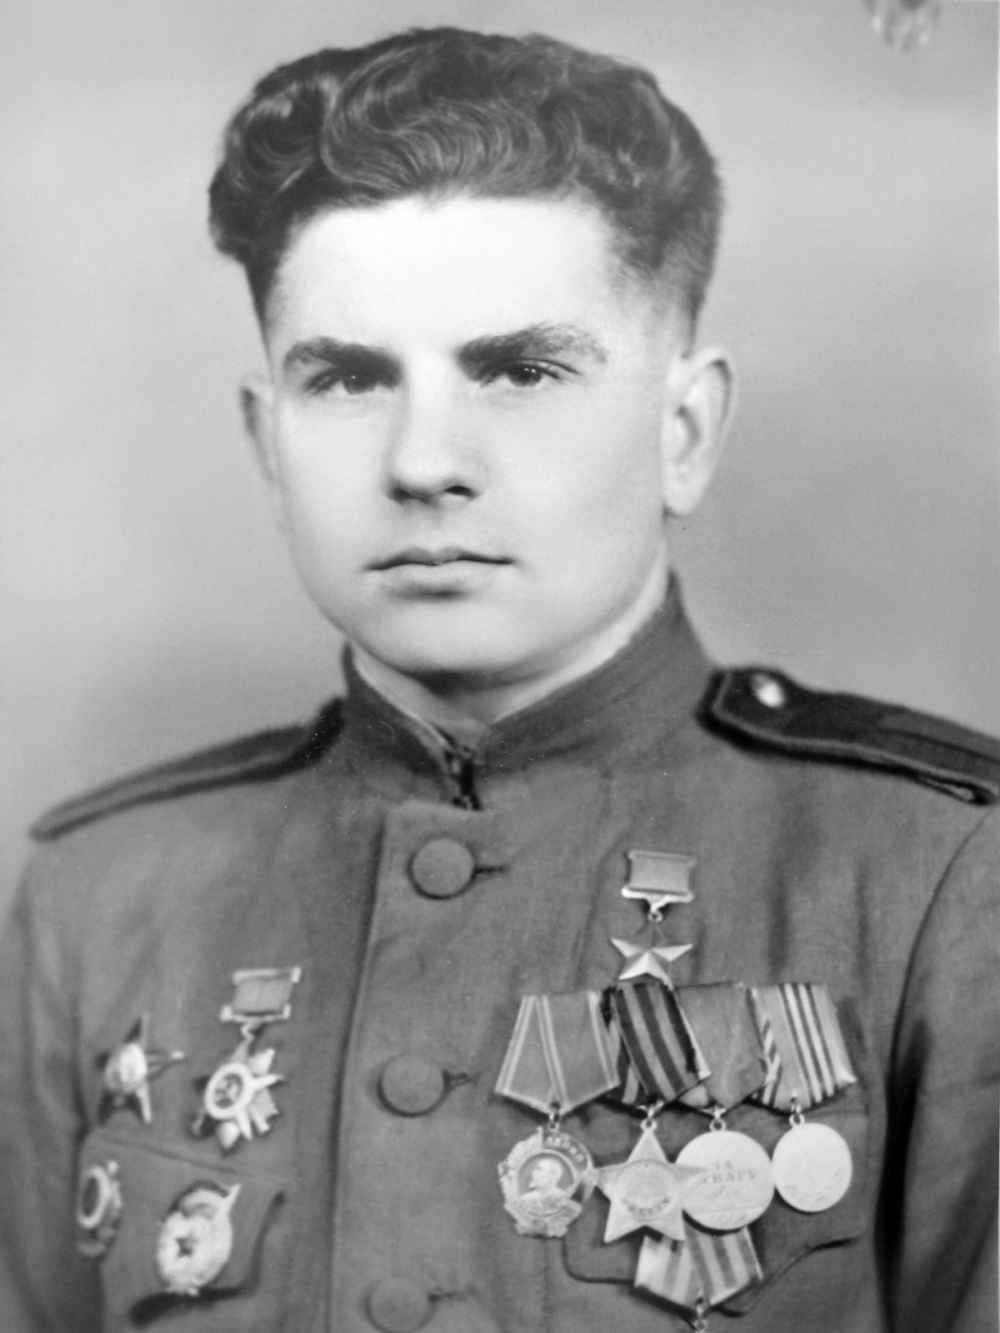 Герой Советского Союза старшина В.М. Гинтовт